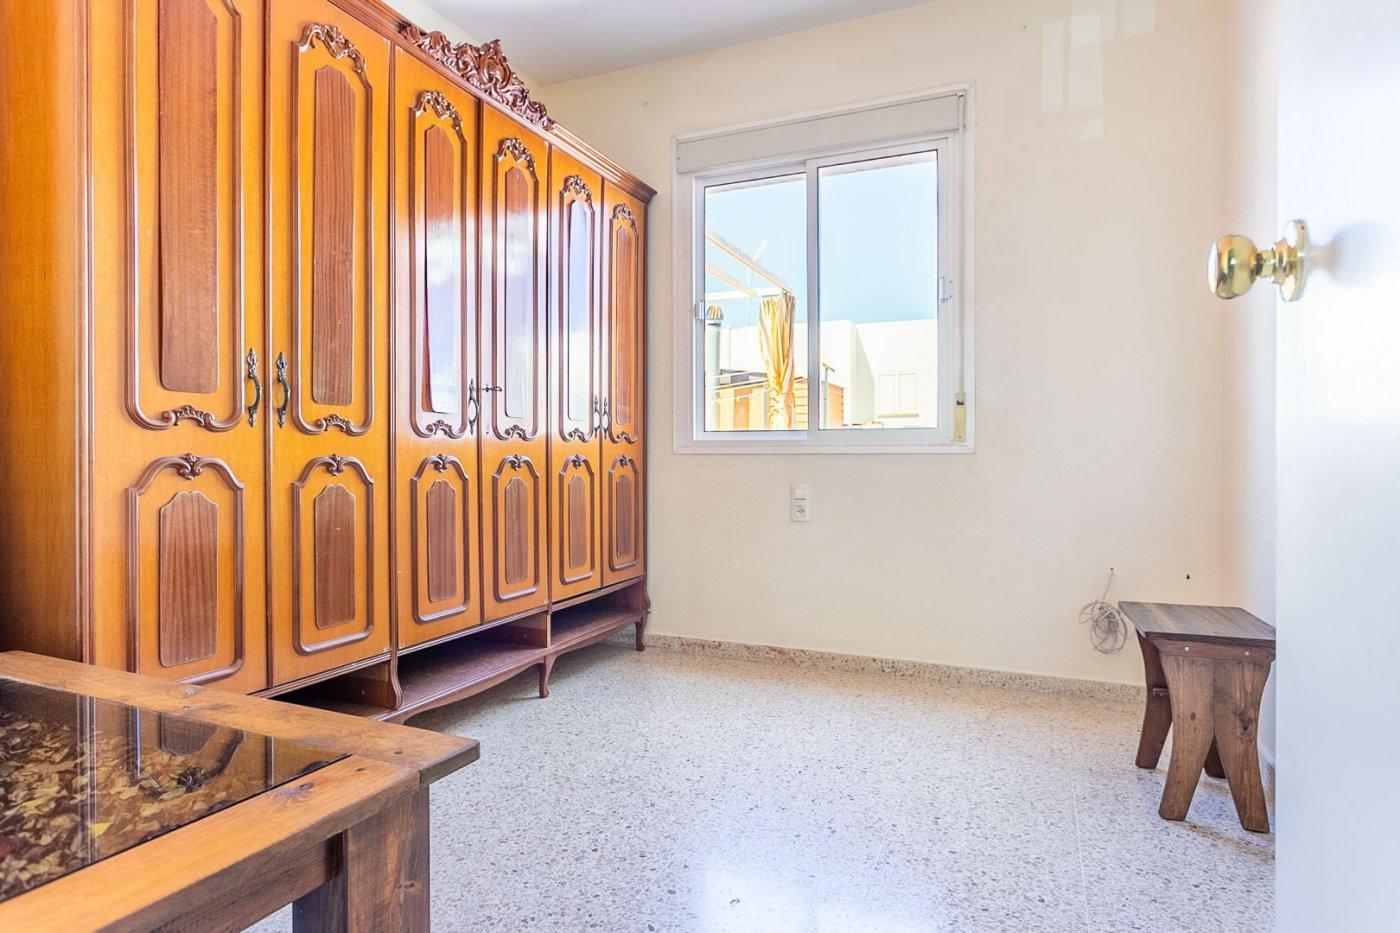 Chalet adosado en venta, Al Andalus 15, Bollullos de la Mitacion